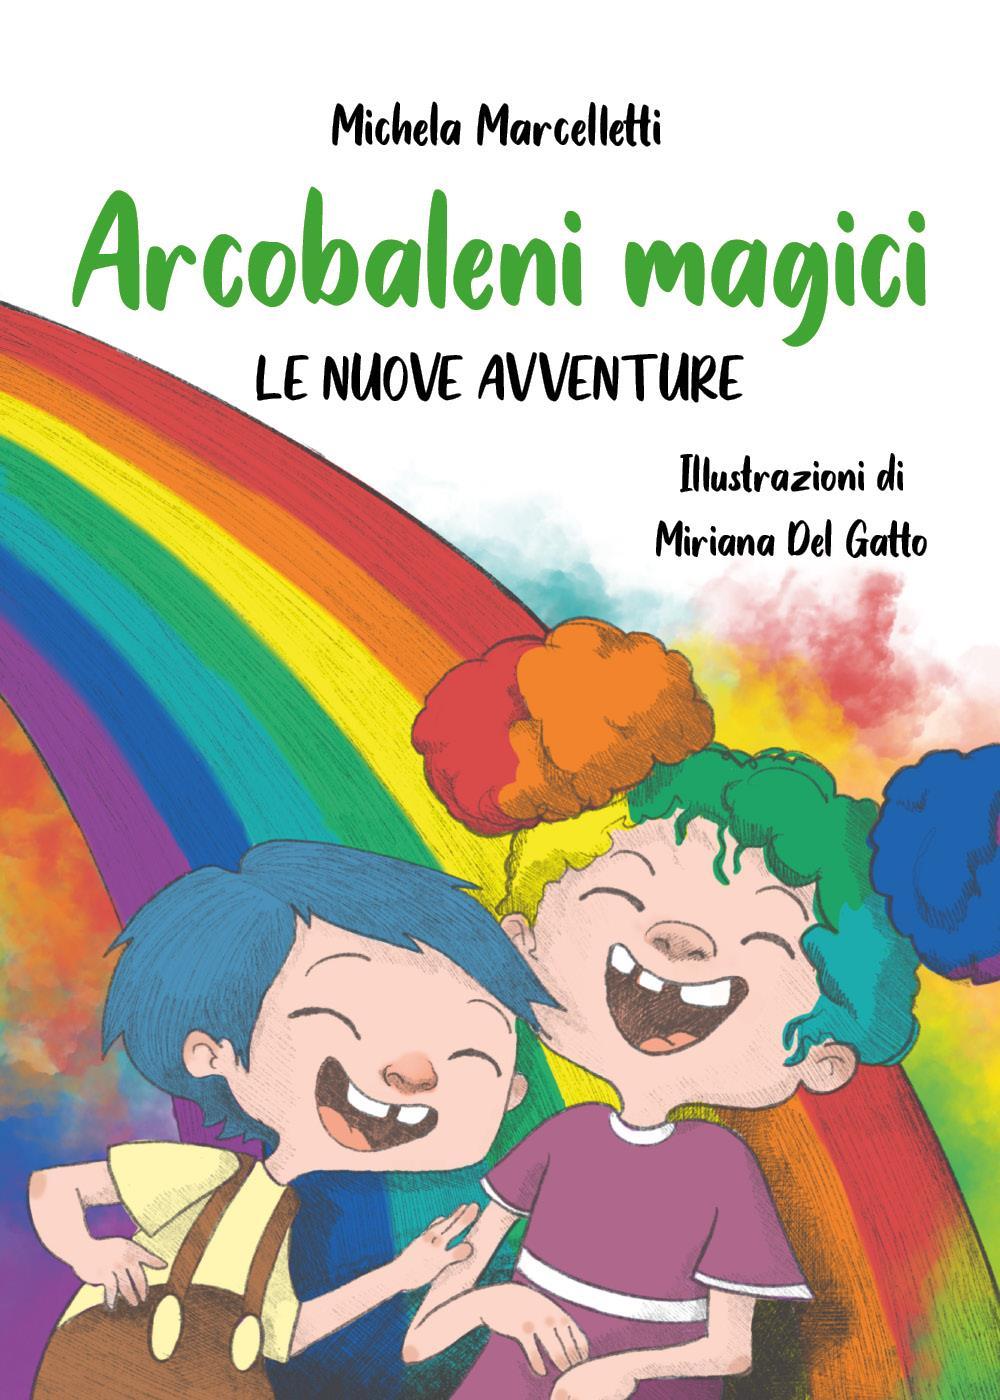 Arcobaleni magici LE NUOVE AVVENTURE